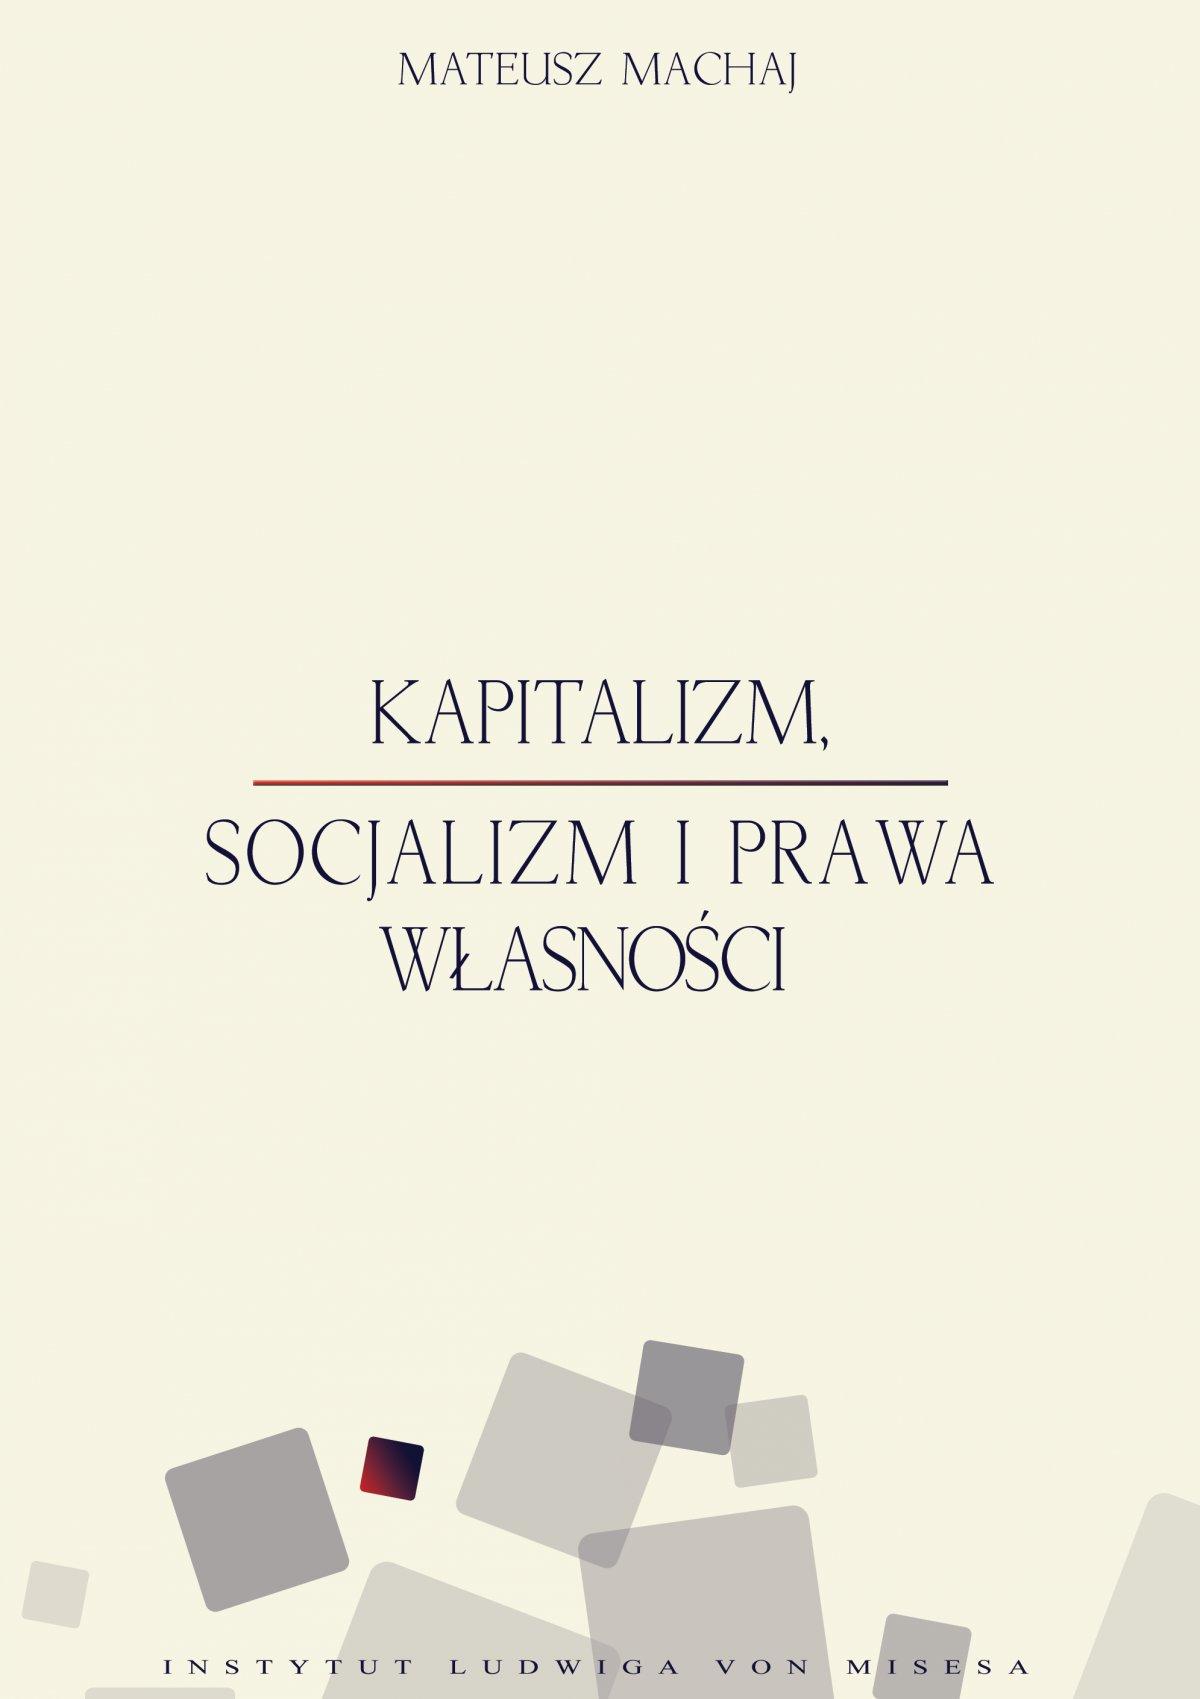 Kapitalizm, socjalizm i prawa własności - Ebook (Książka EPUB) do pobrania w formacie EPUB